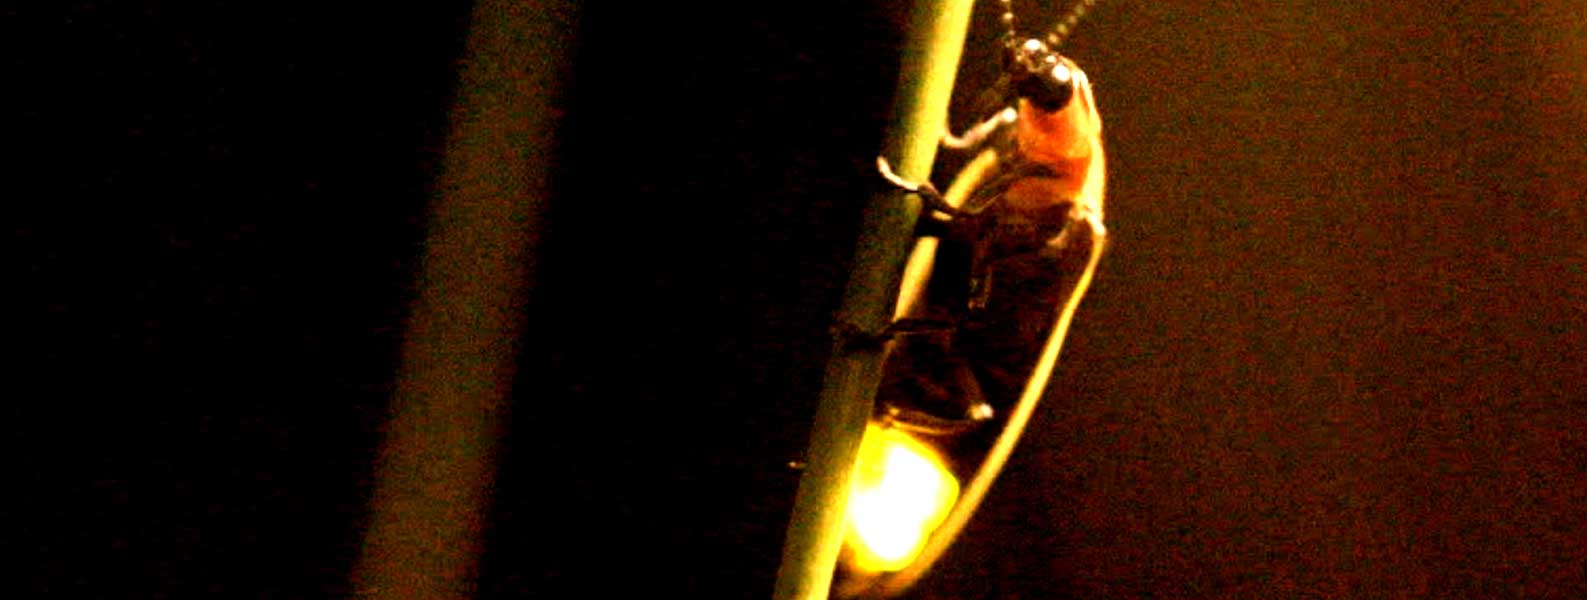 Dang Fireflies festival